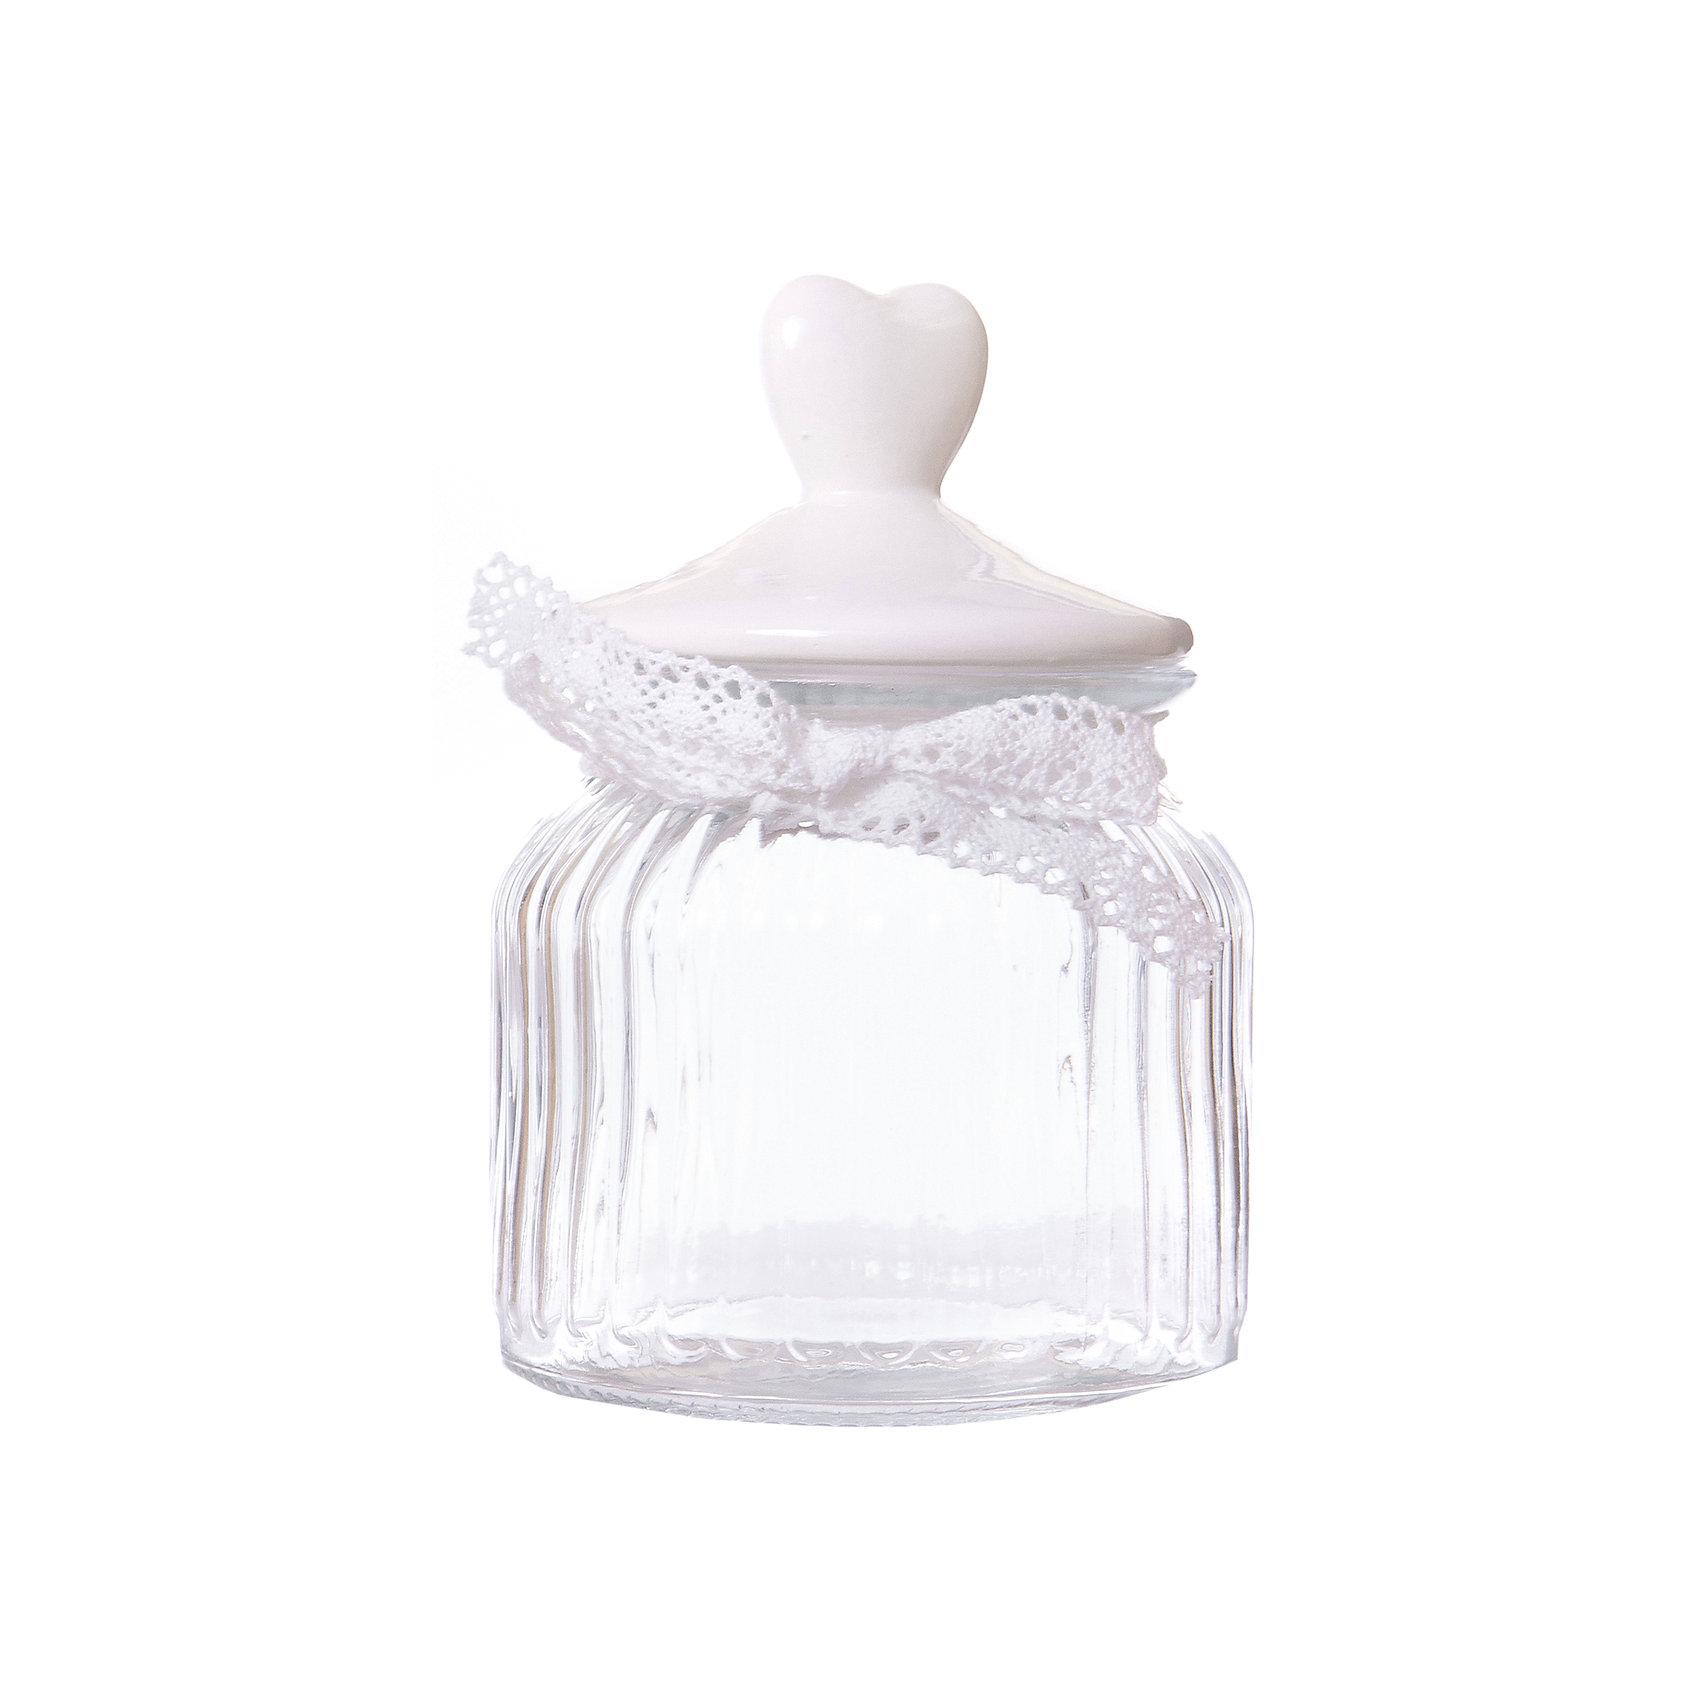 Стеклянная ёмкость для продуктов Белое сердечко, объем 600 мл., Феникс-ПрезентПосуда<br>Стеклянная ёмкость для продуктов Белое сердечко, объем 600 мл., Феникс-Презент<br><br>Характеристики:<br><br>• ёмкость для продуктов с керамической крышкой<br>• объем: 600 мл<br>• материал: стекло, керамика, текстиль<br>• размер: 11,4х11,4х19,3 см<br><br>Ёмкость Белое сердечко подходит для хранения продуктов. Баночка изготовлена из стекла. Крышка выполнена из керамики. Верх крышки изготовлен в виде небольшого сердечка. Ёмкость дополнена текстильным бантом. Объем - 600 мл. Эта ёмкость станет очаровательным украшением для вашей кухни!<br><br>Стеклянная ёмкость для продуктов Белое сердечко, объем 600 мл., Феникс-Презент можно купить в нашем интернет-магазине.<br><br>Ширина мм: 193<br>Глубина мм: 114<br>Высота мм: 114<br>Вес г: 596<br>Возраст от месяцев: 120<br>Возраст до месяцев: 2147483647<br>Пол: Унисекс<br>Возраст: Детский<br>SKU: 5449525